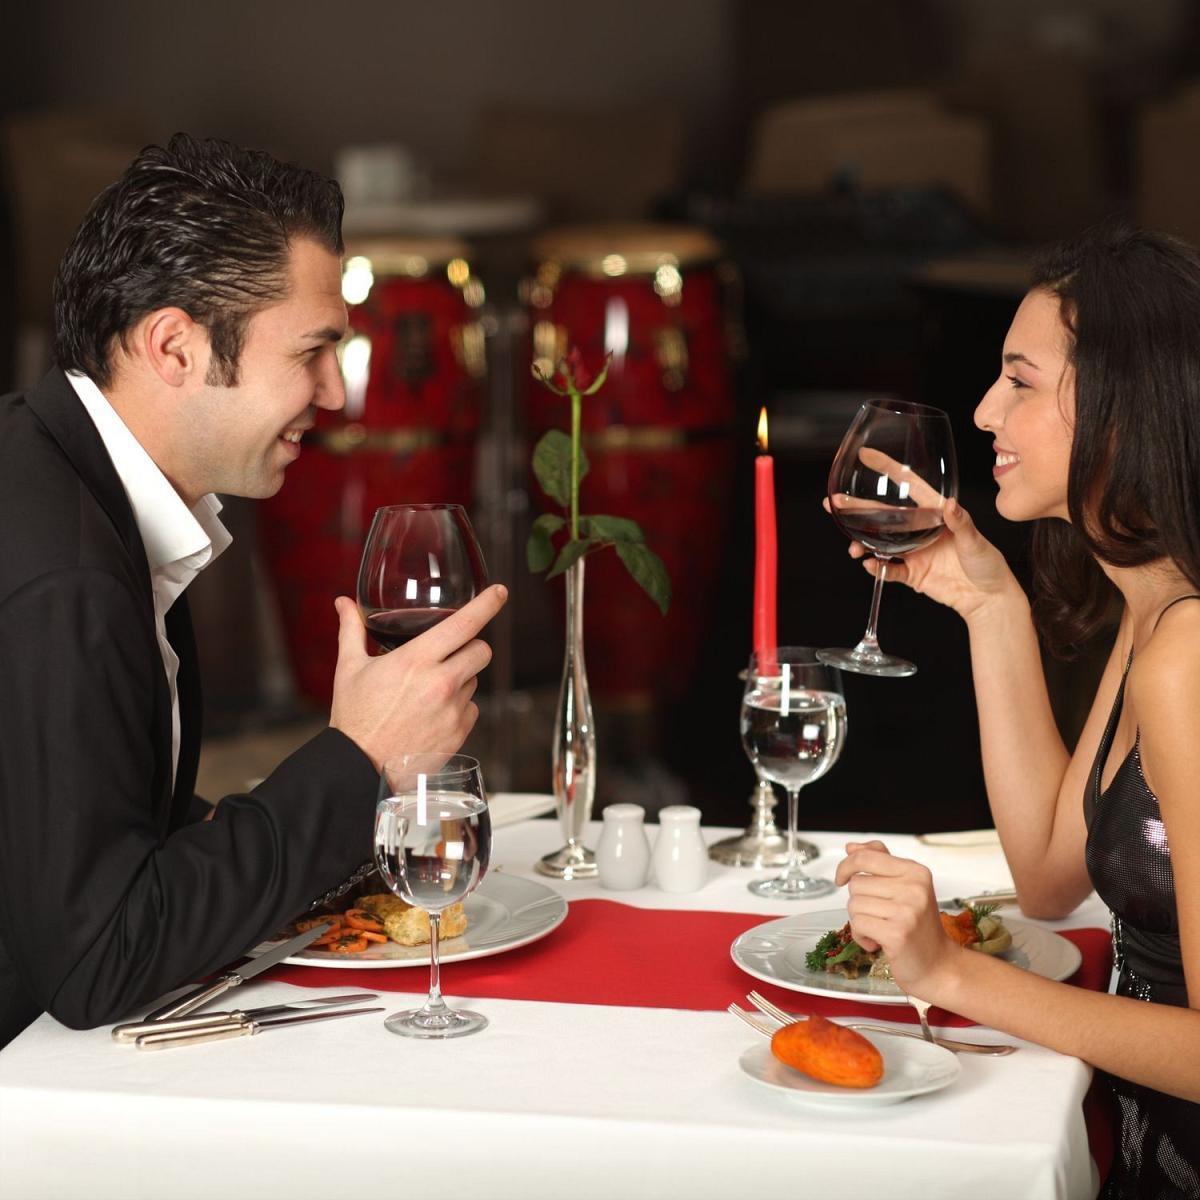 Diner Romantique A L Hotel Romerturm 2 Pers